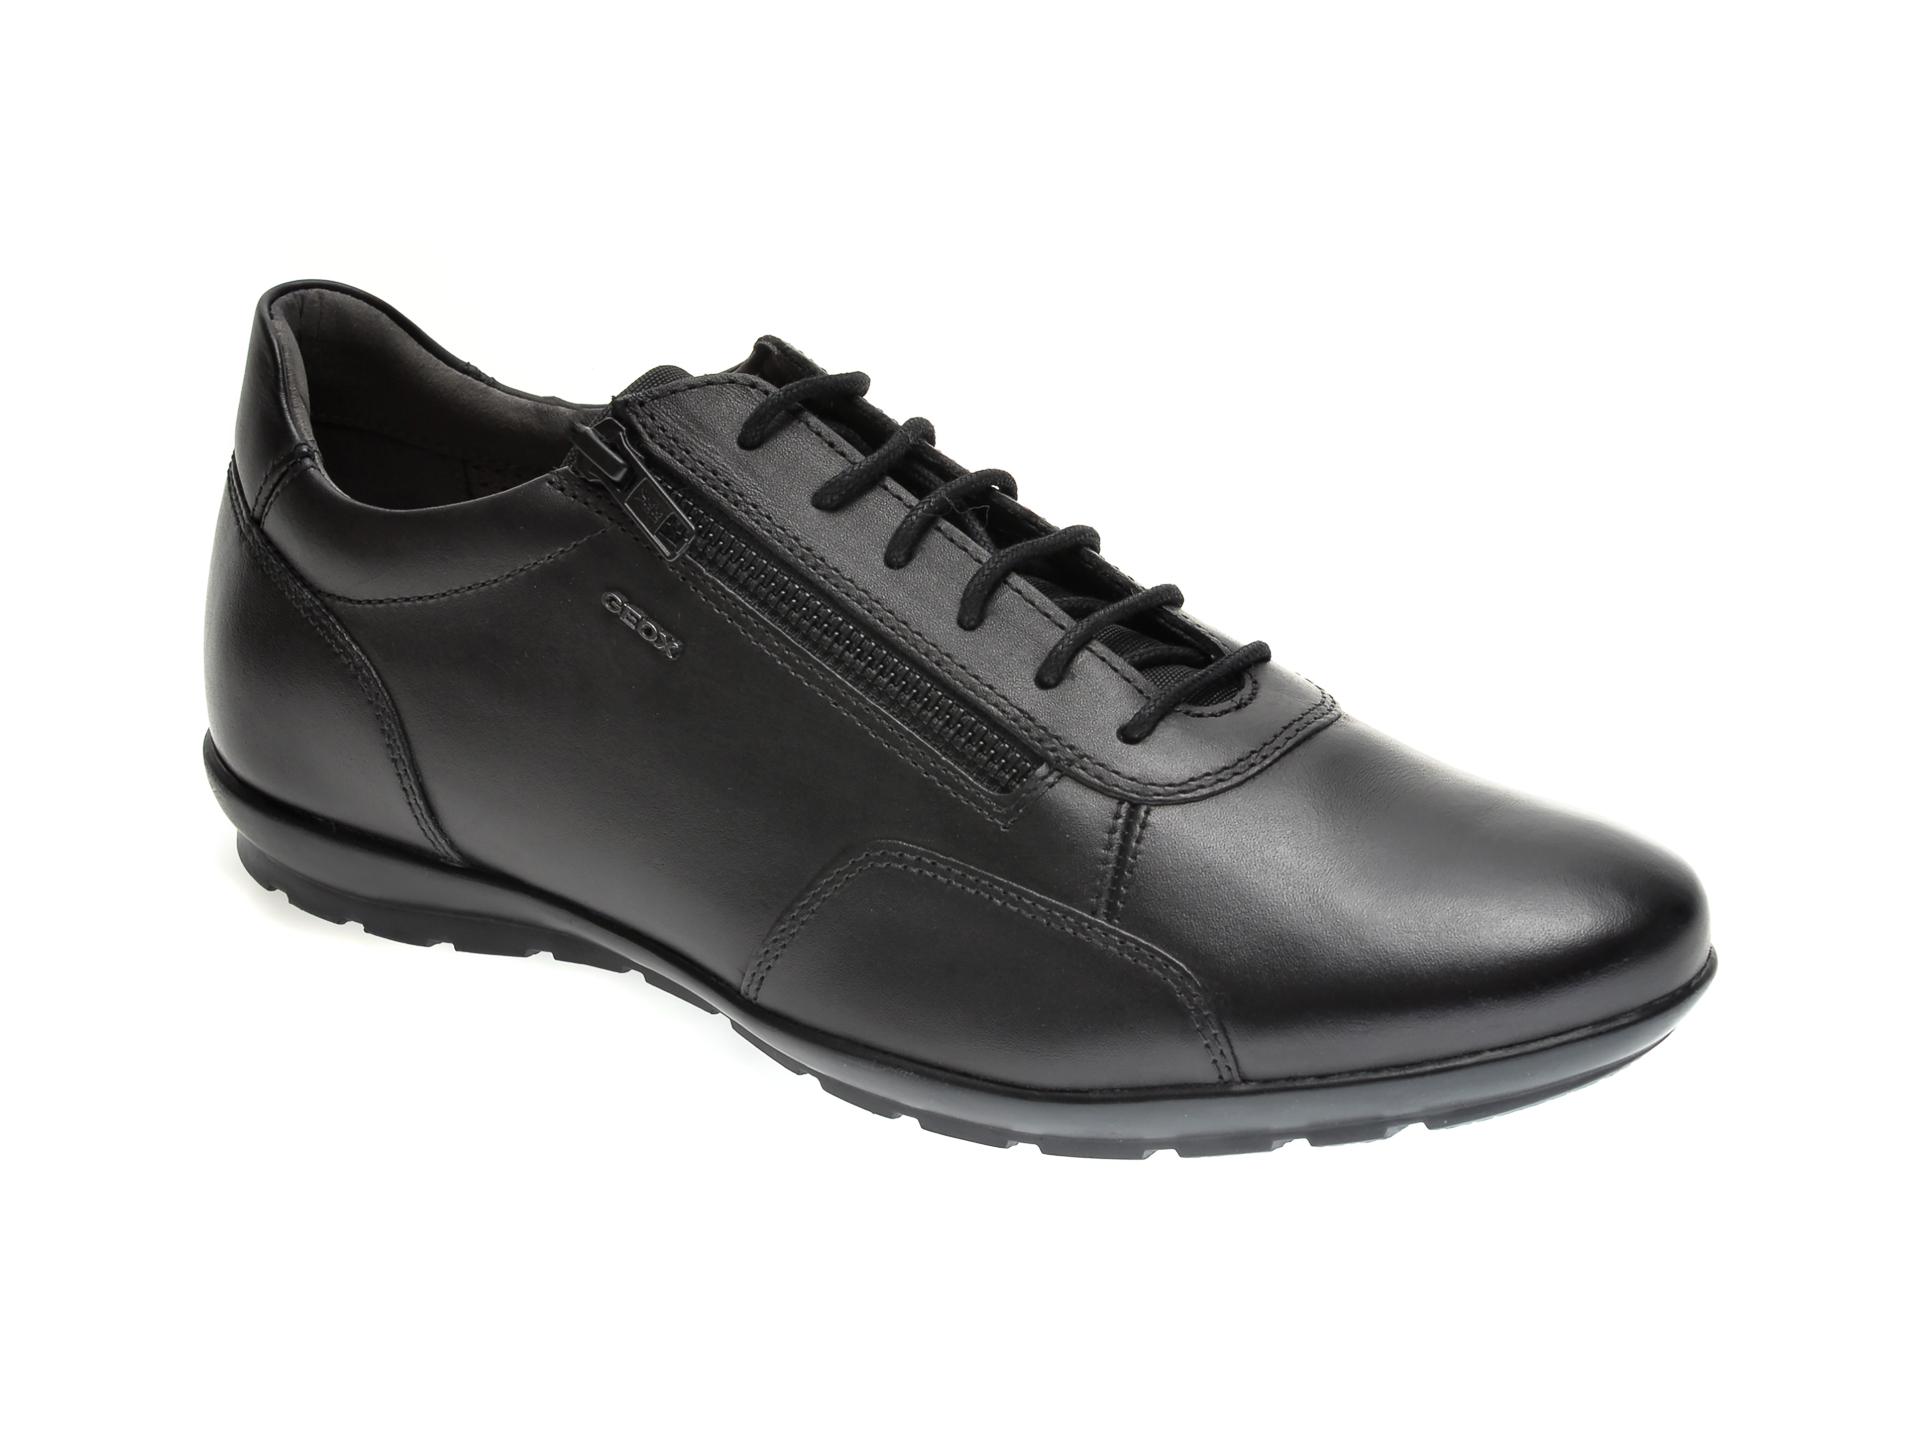 Pantofi sport GEOX negri, U74A5B, din piele naturala si material textil